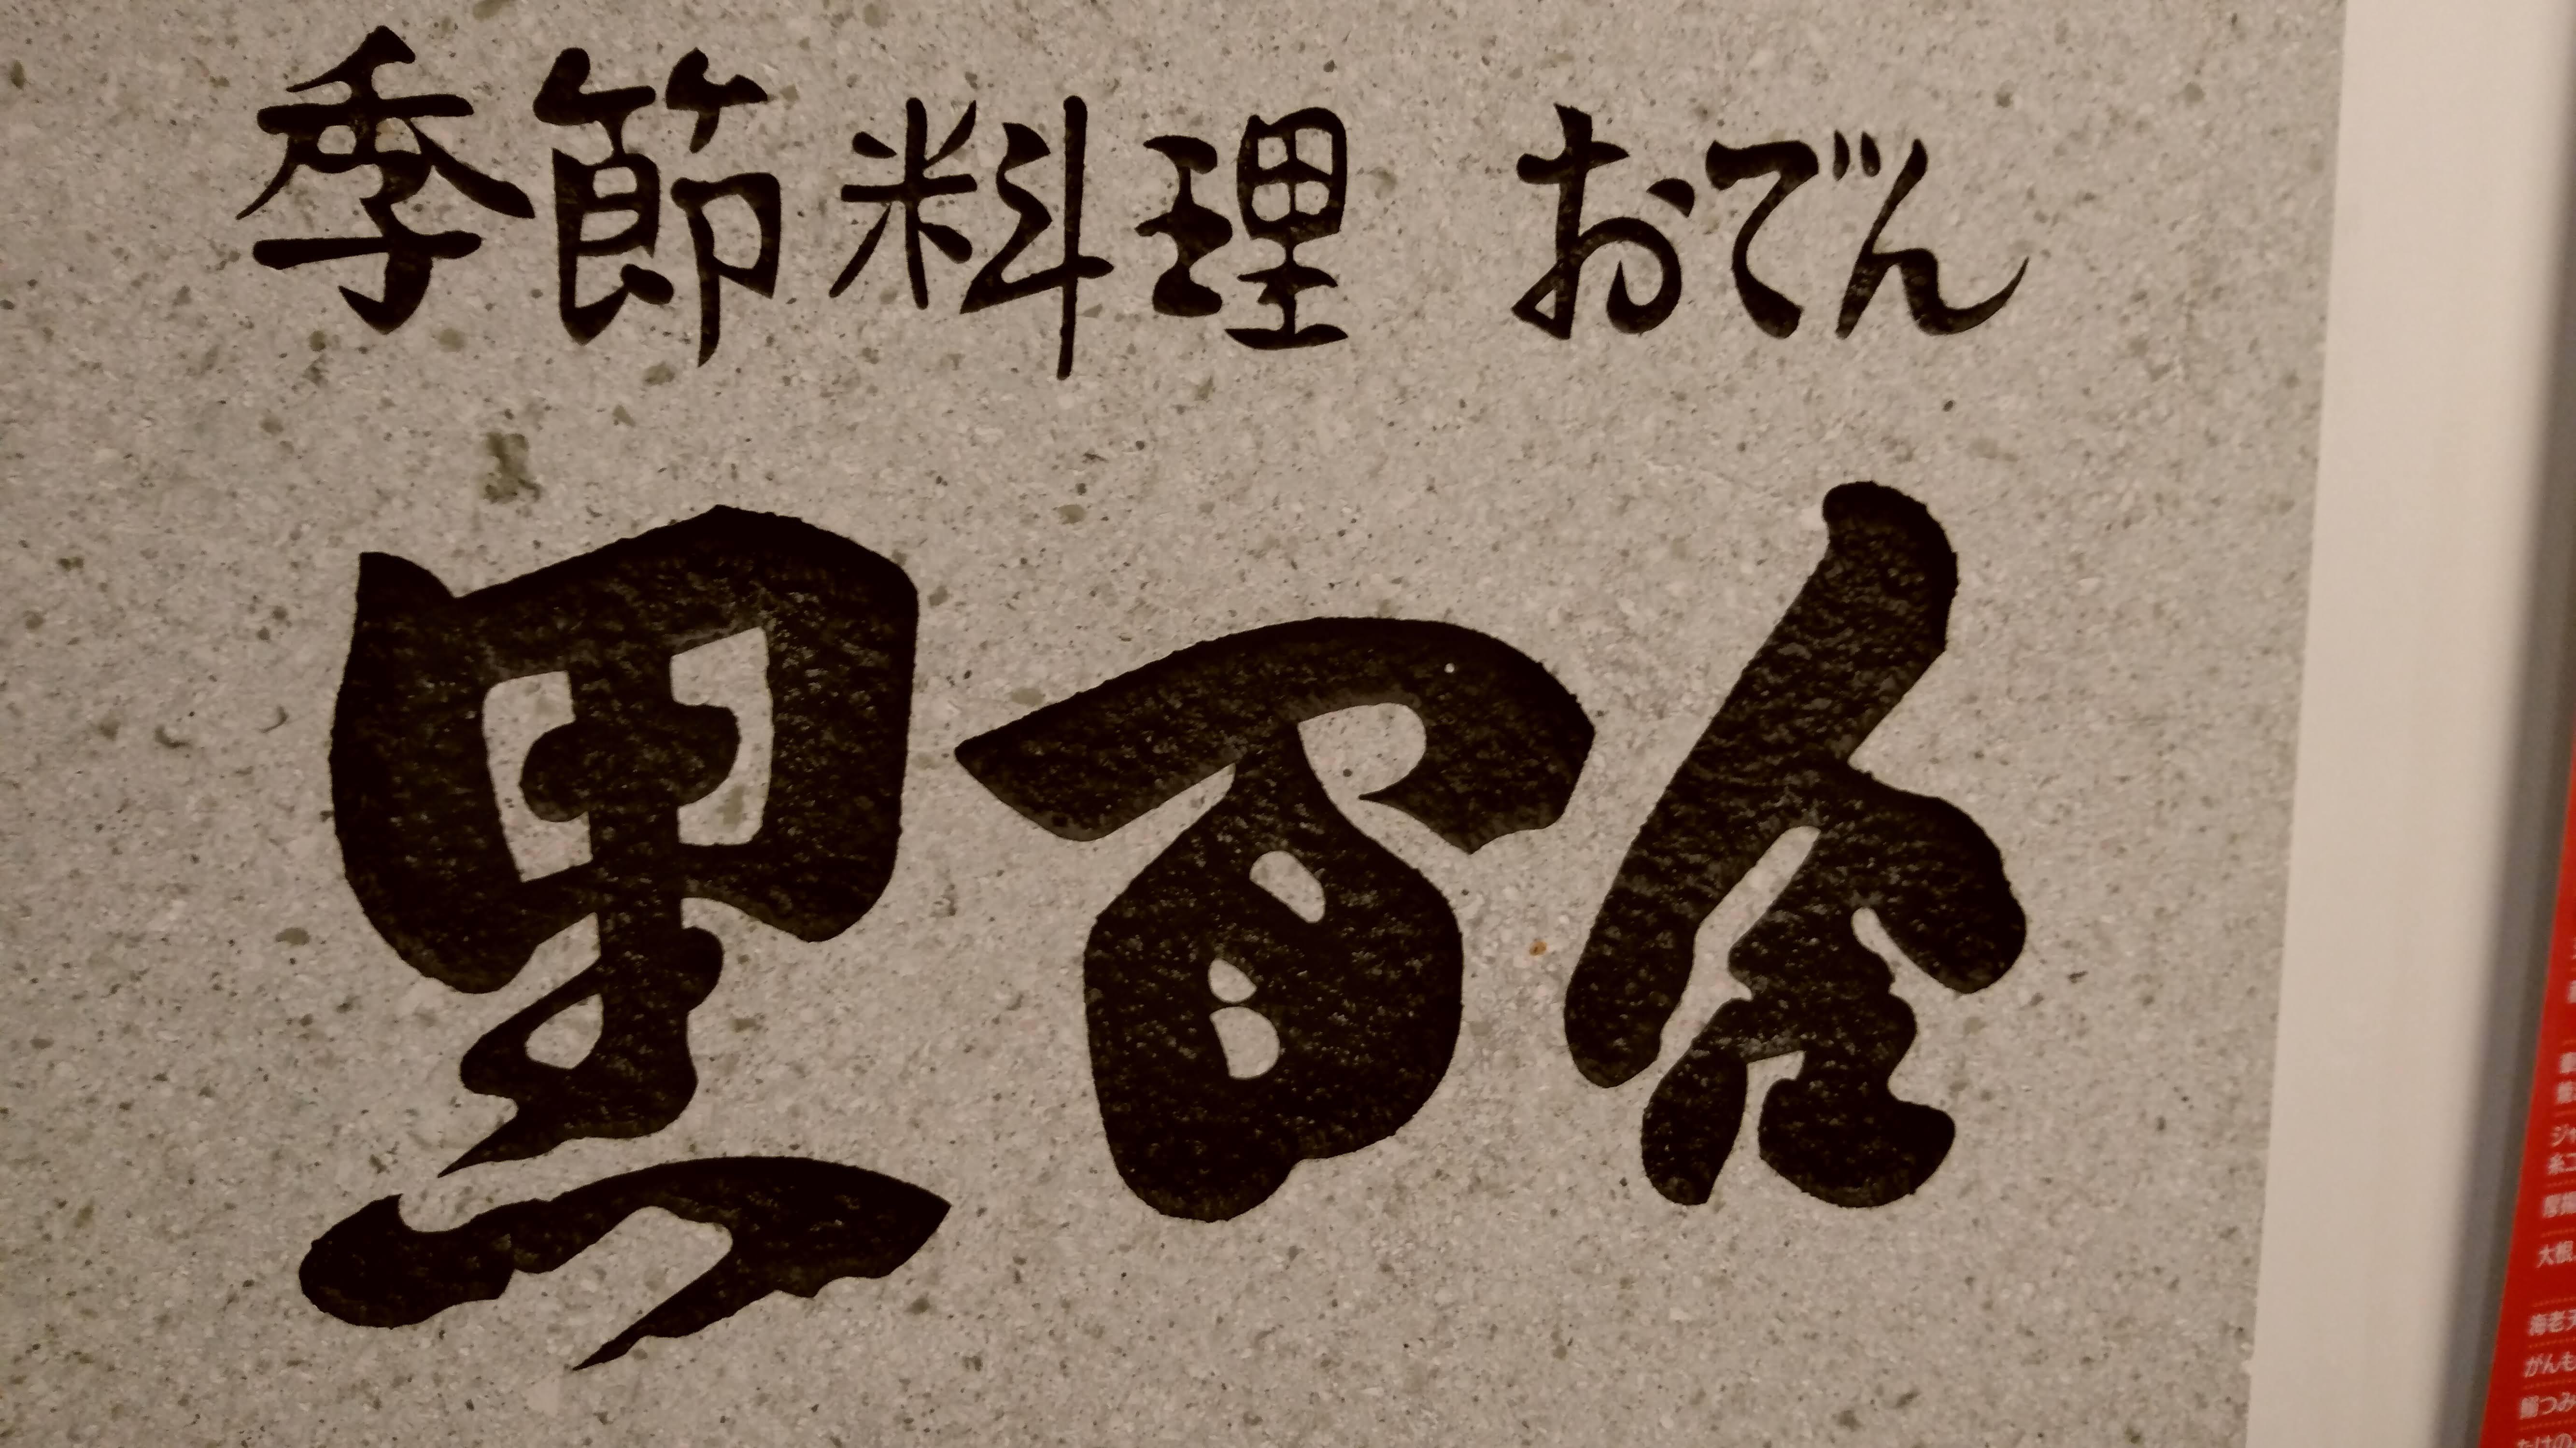 金沢旅行 金沢おでん 黒百合